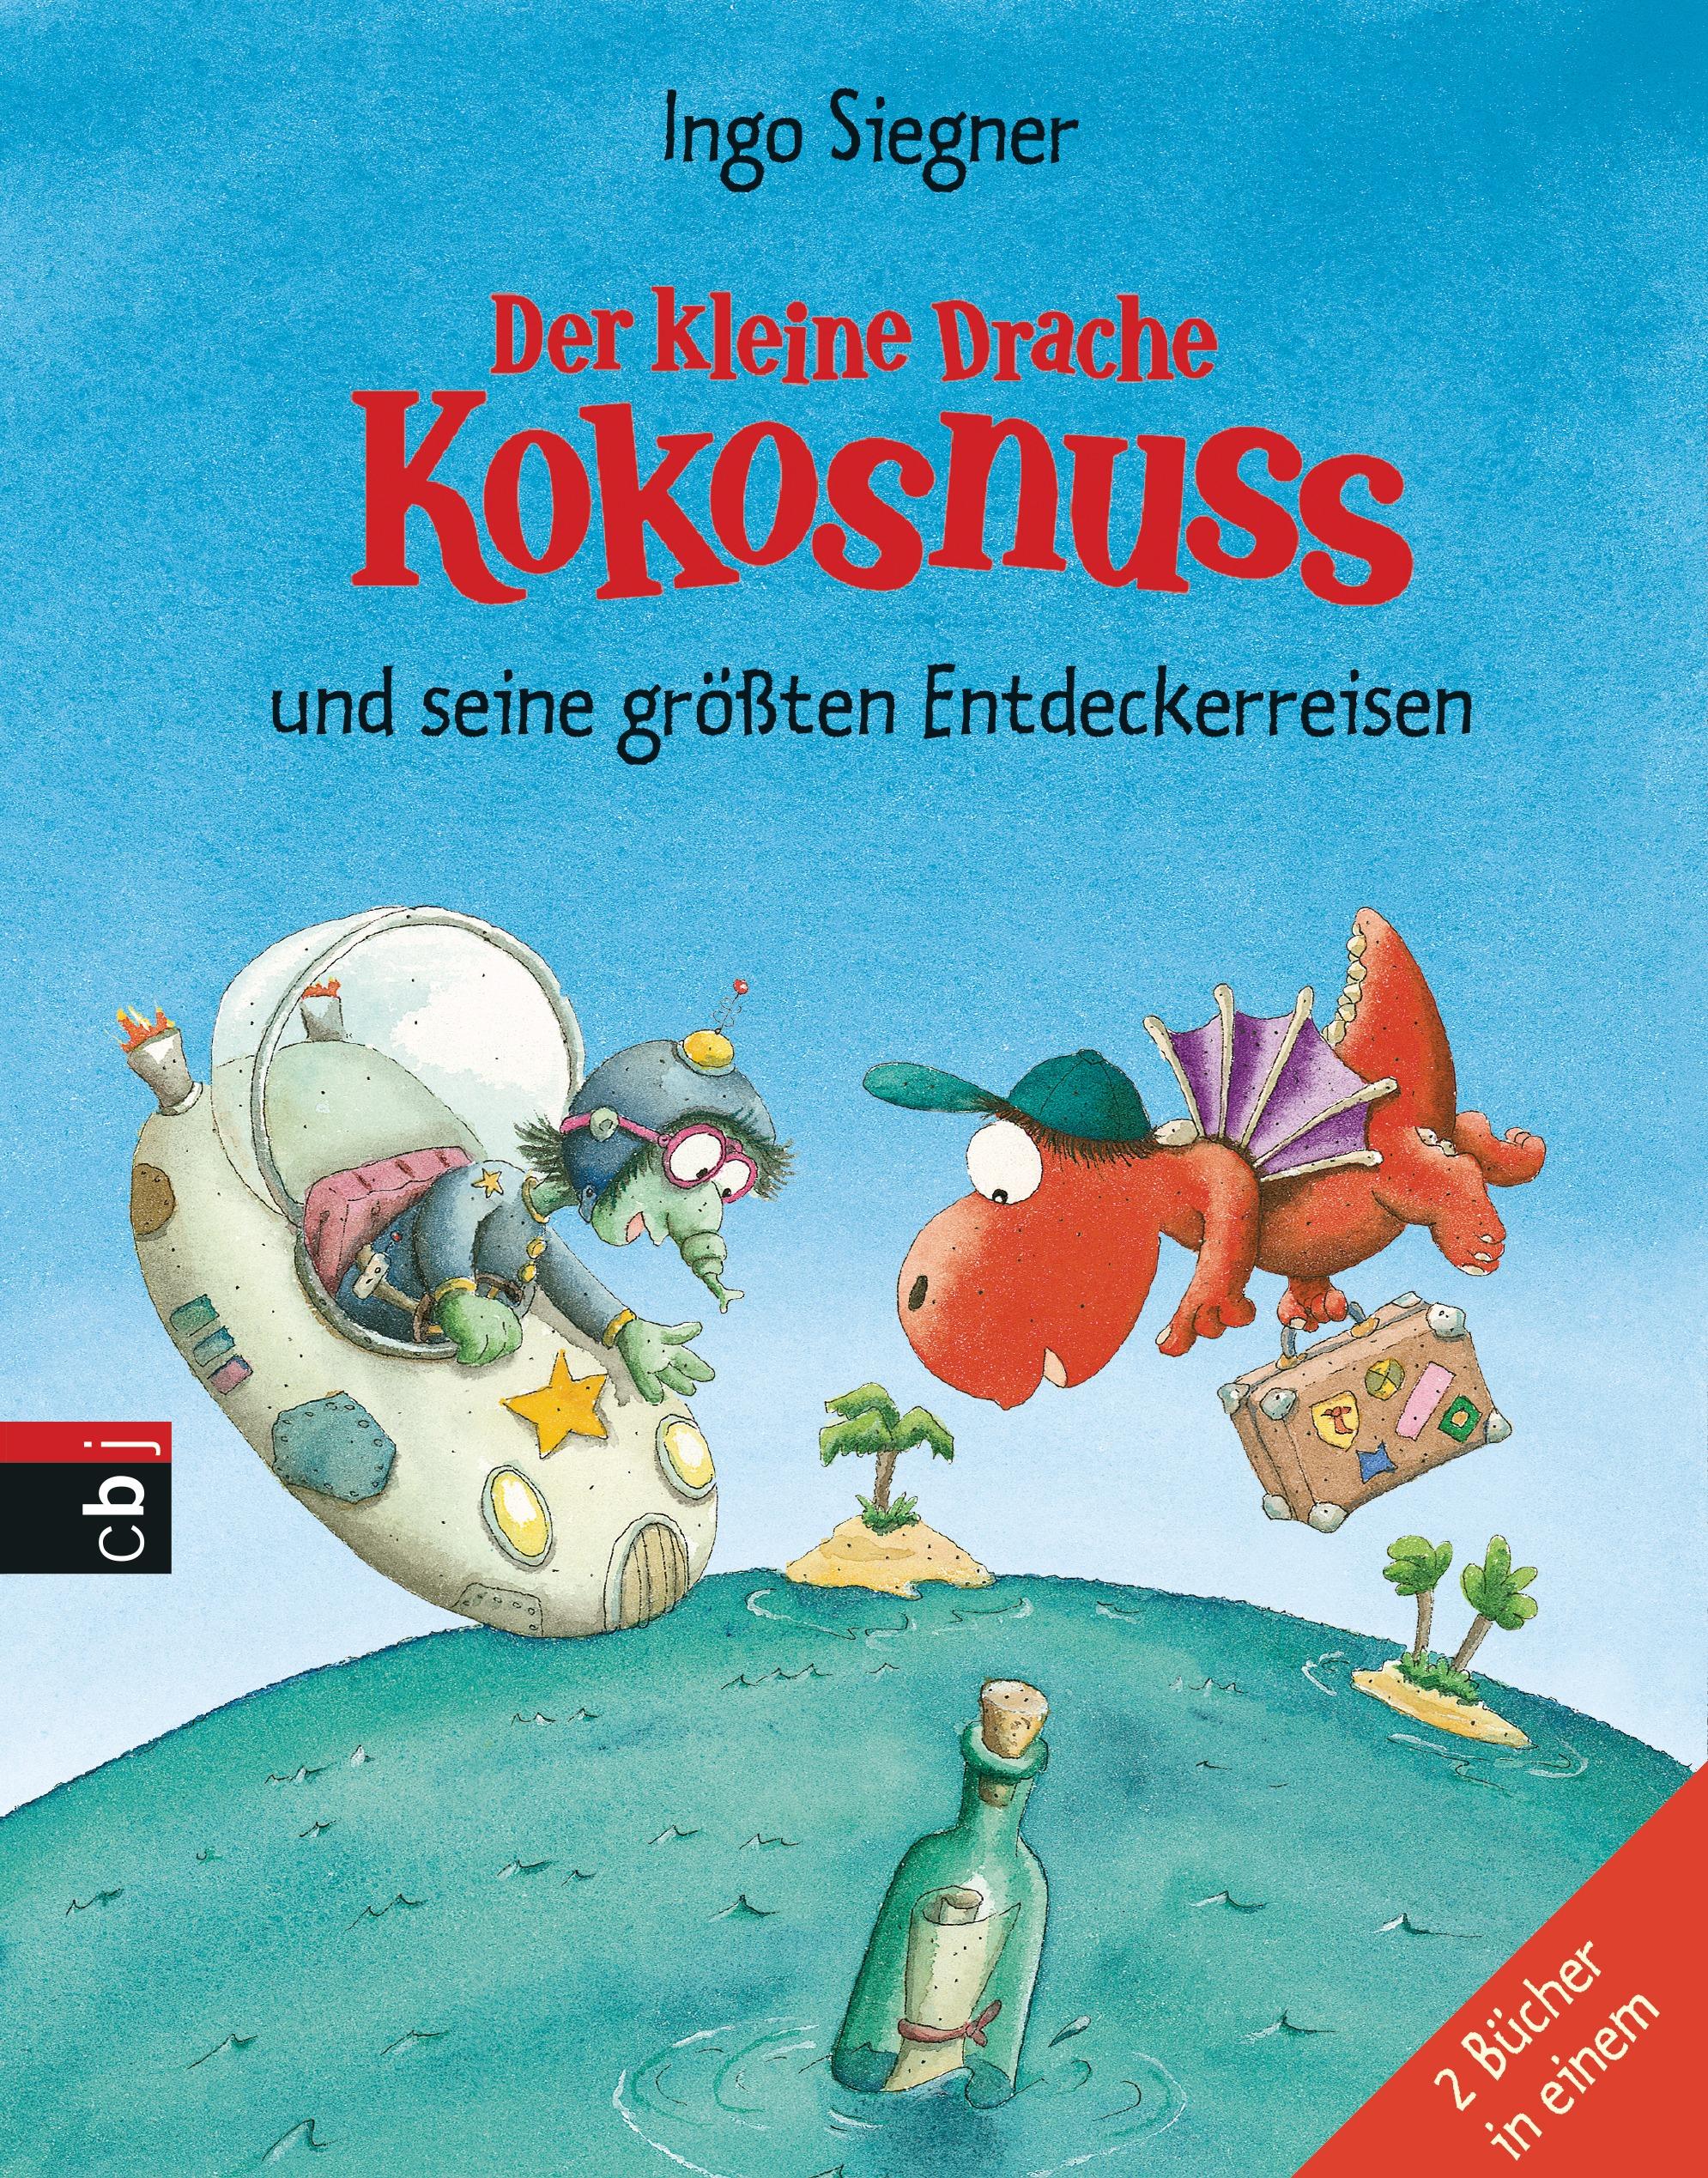 Der kleine Drache Kokosnuss und seine größten Entdeckerreisen: Sammelband - 2 Bände - Siegner, Ingo